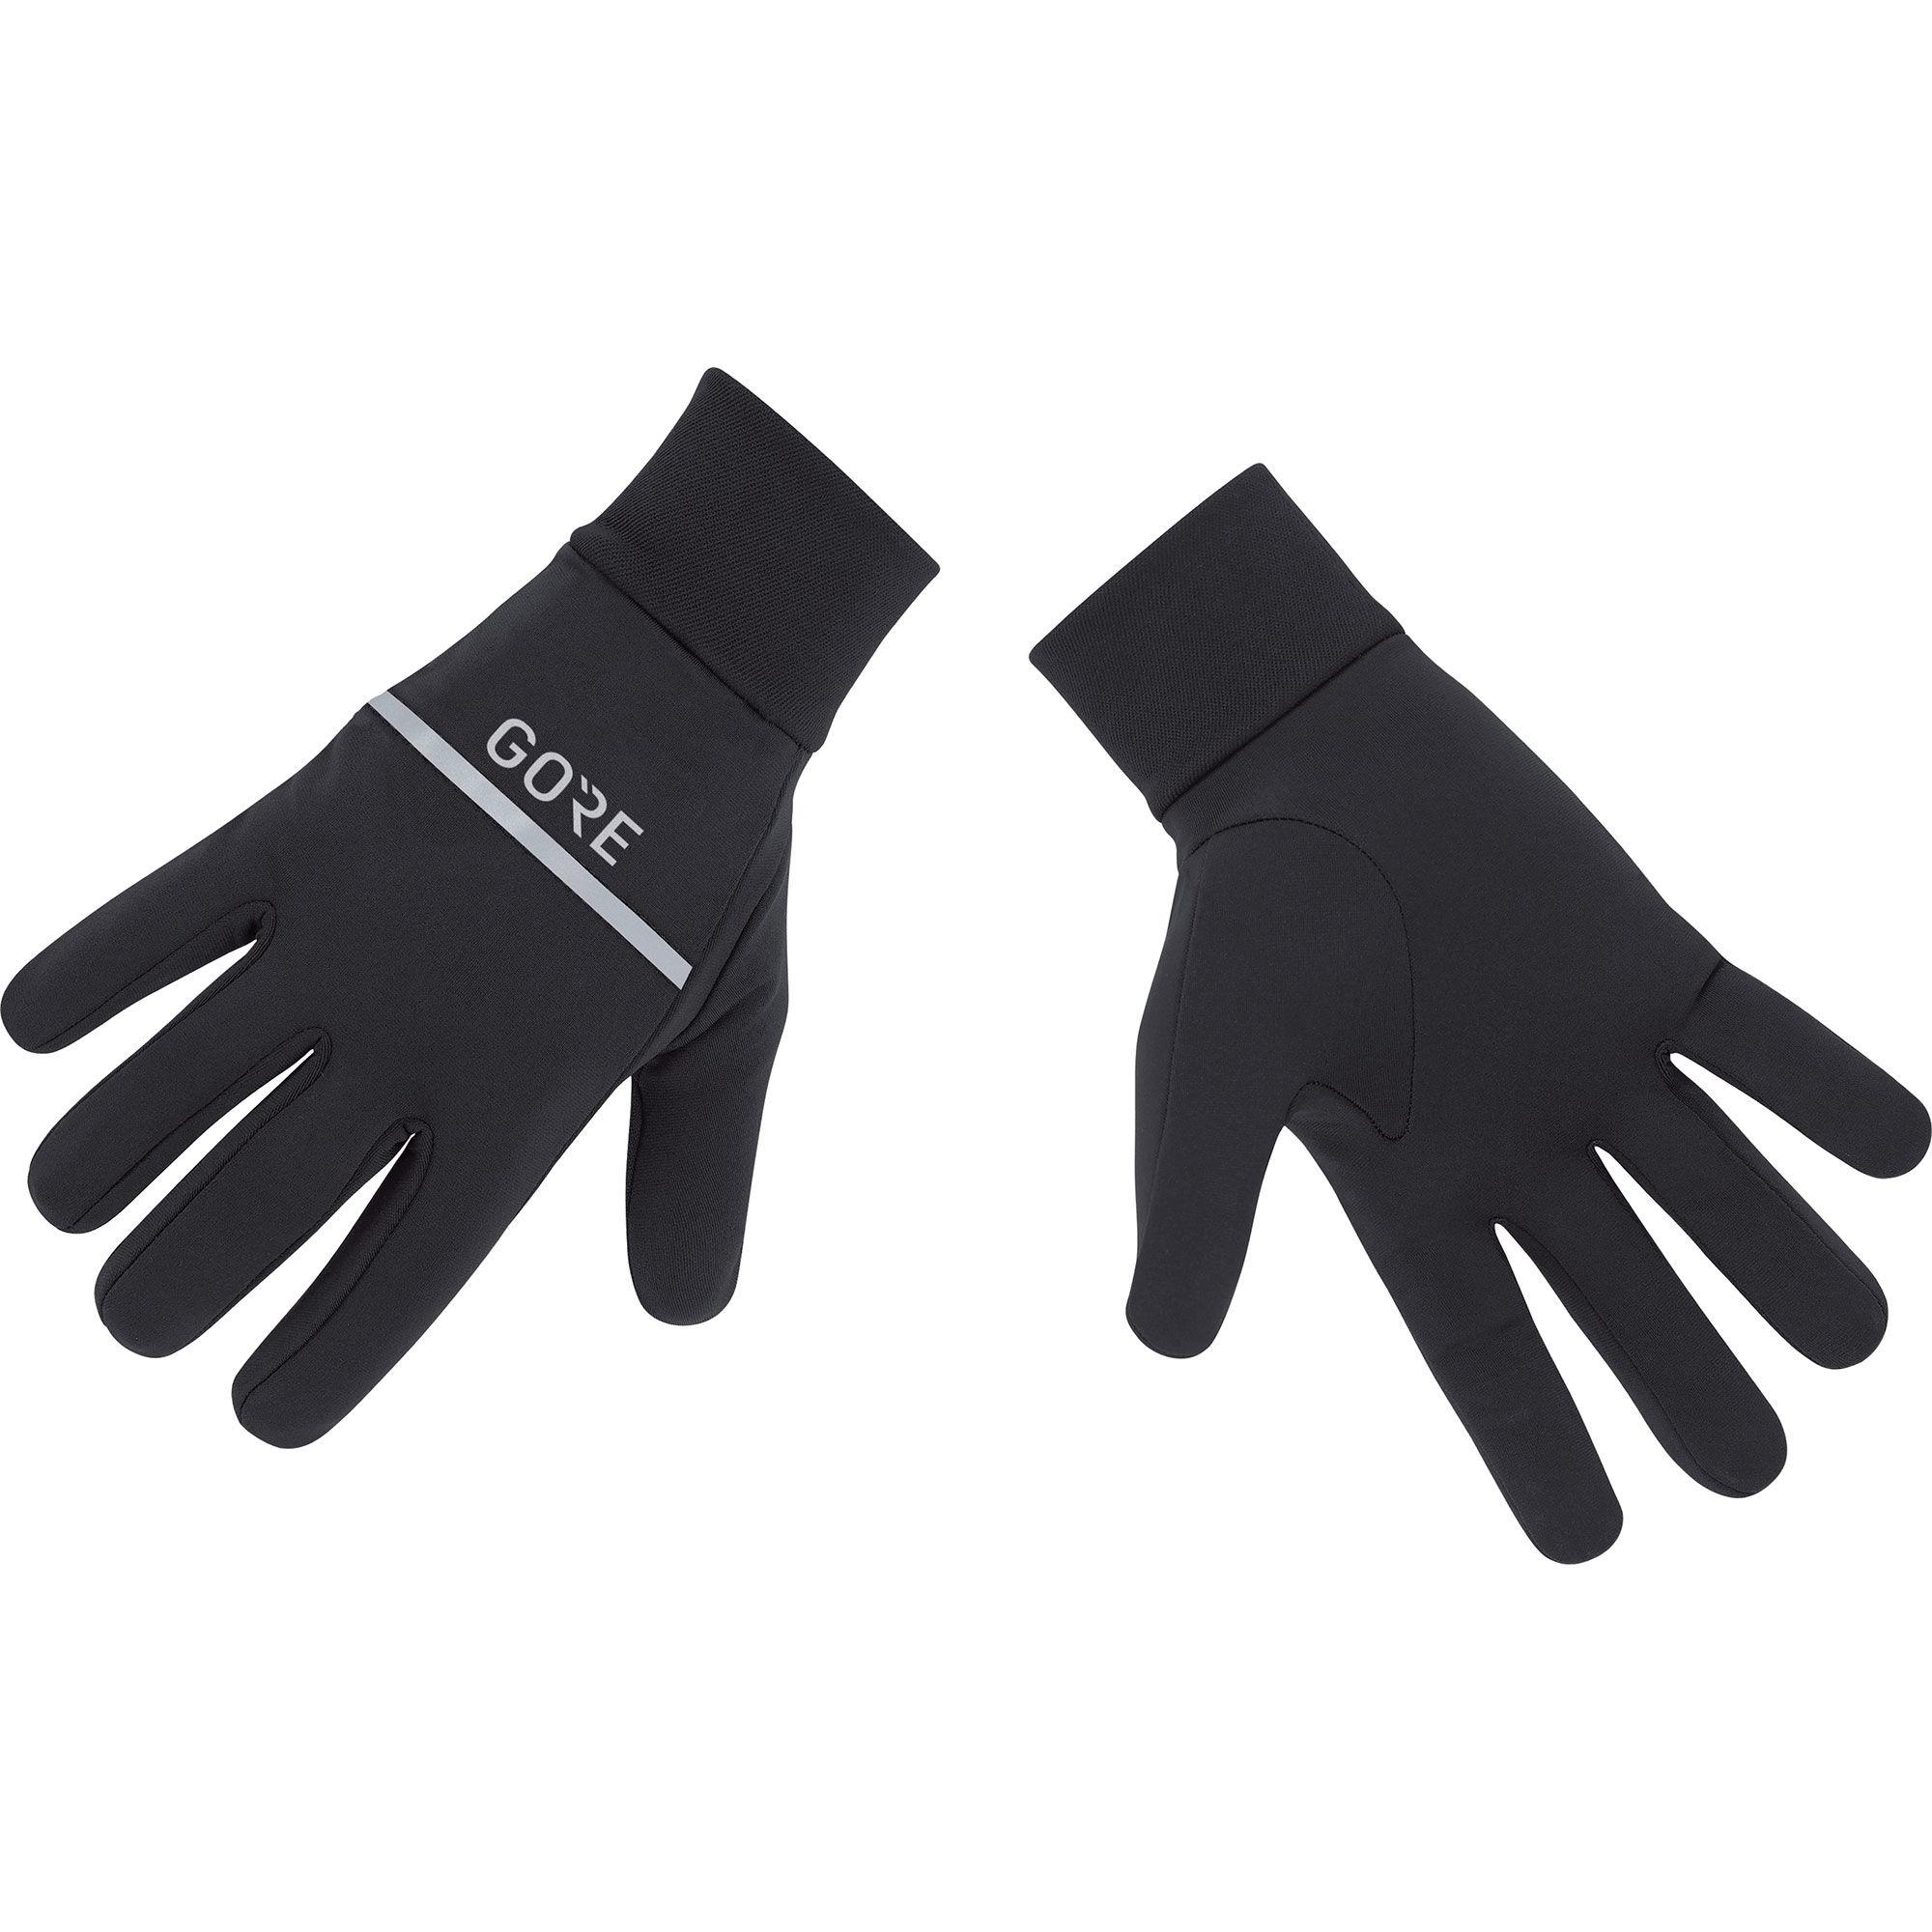 Gore R3 Handschuhe in Schwarz